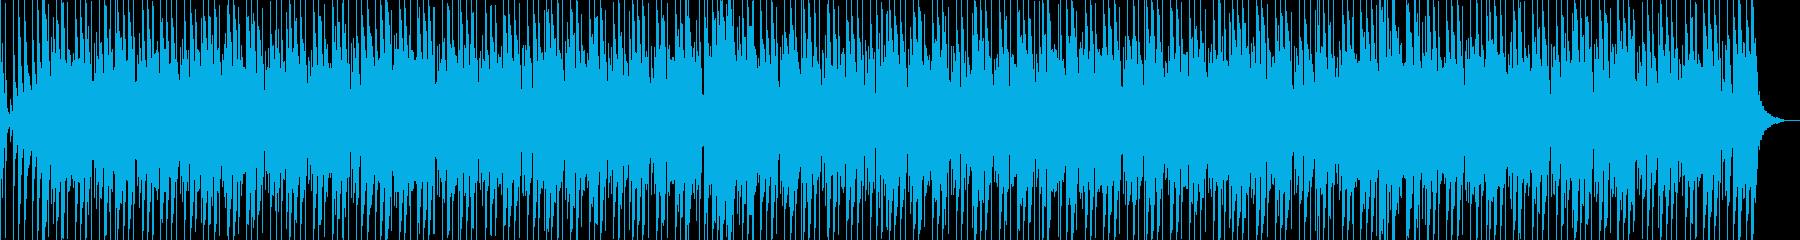 【企業VP】リゾートレインの再生済みの波形